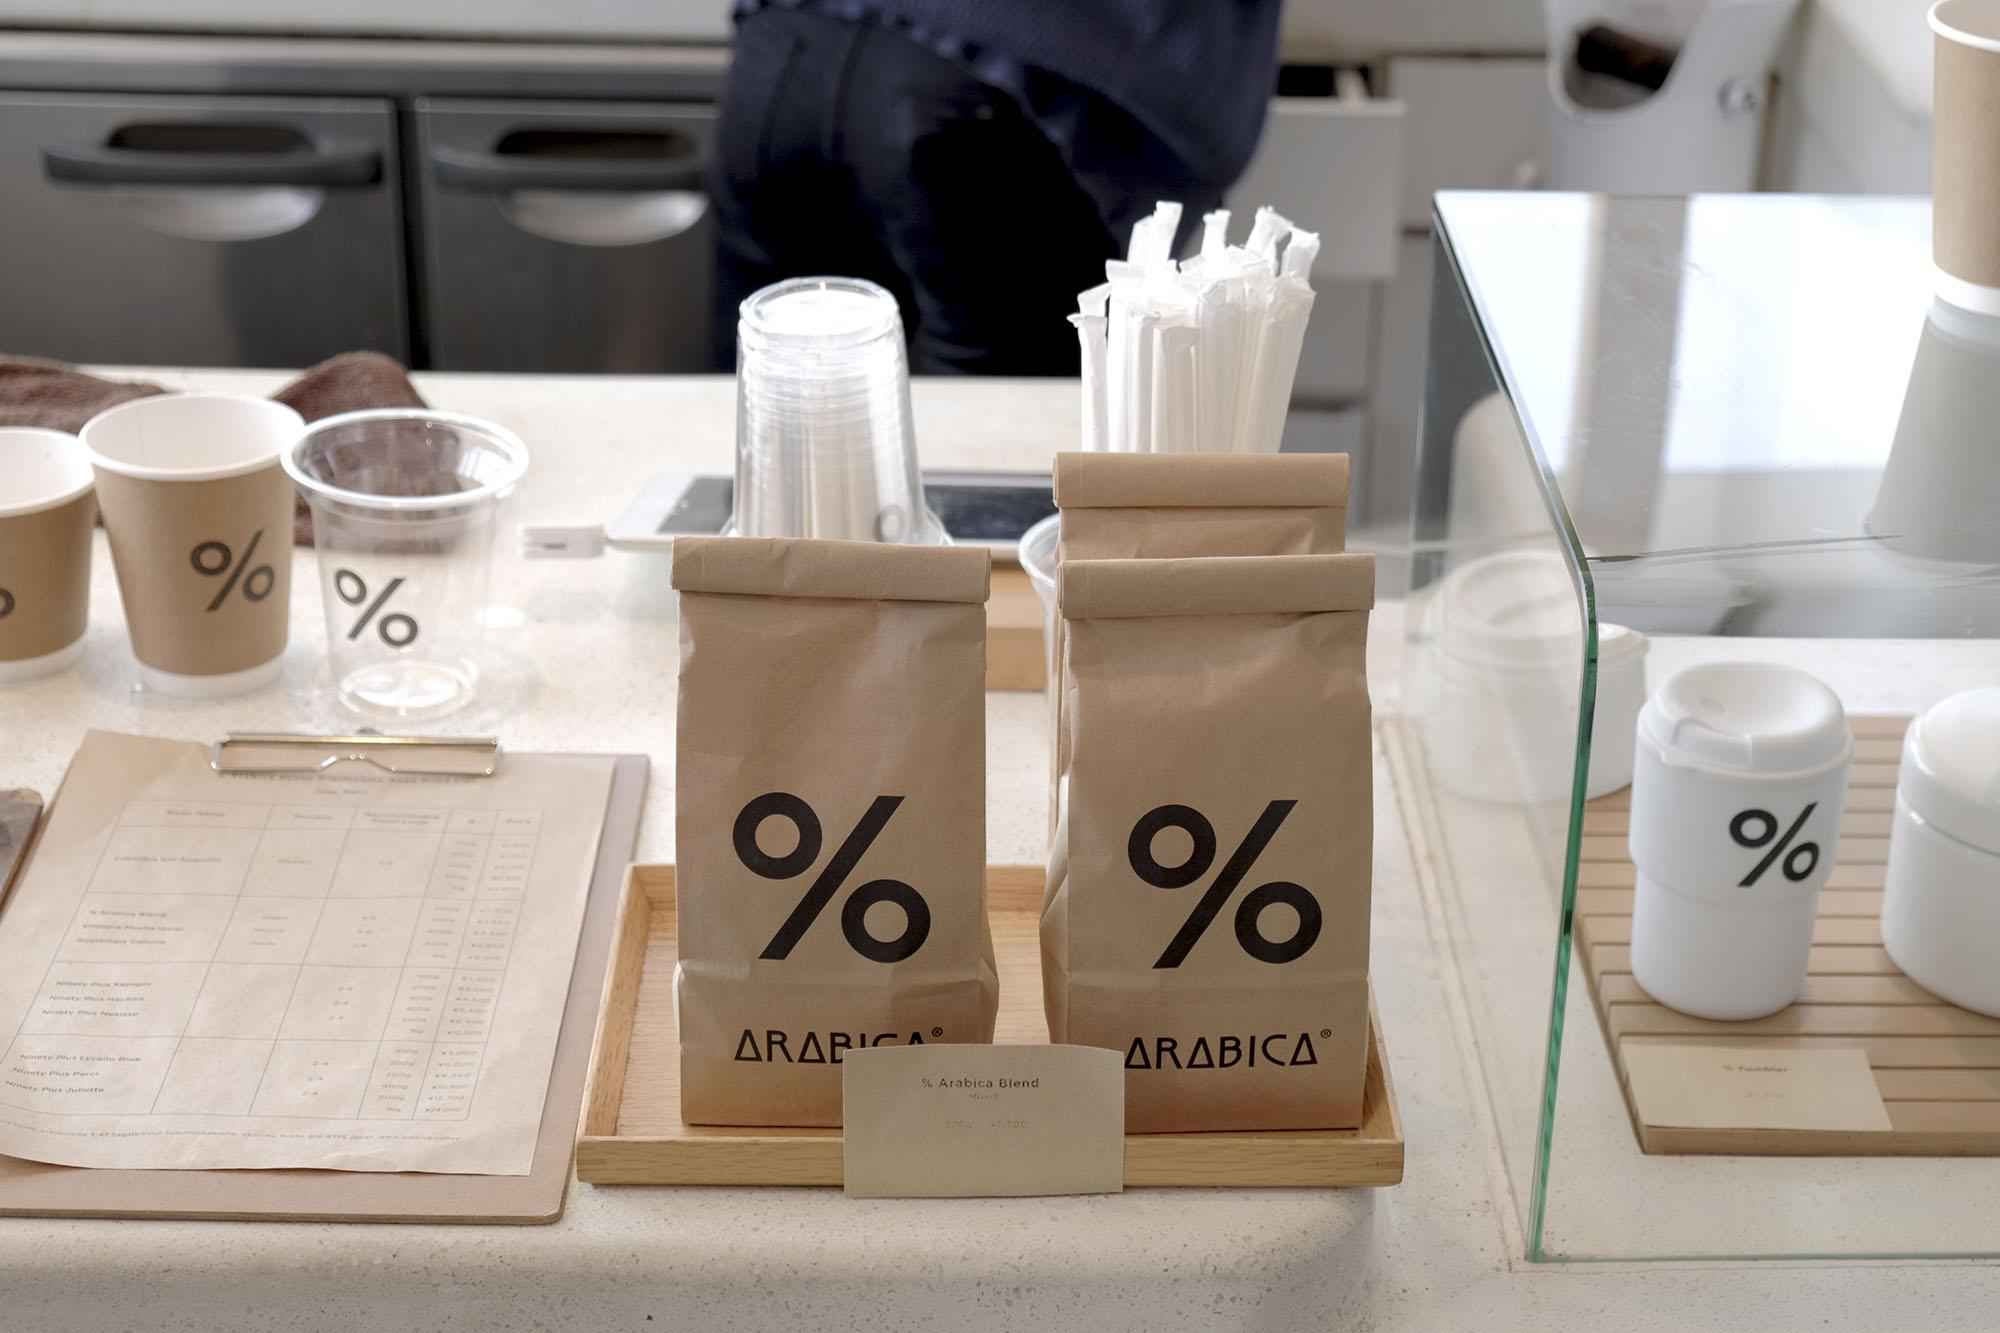 %Arabica kyoto